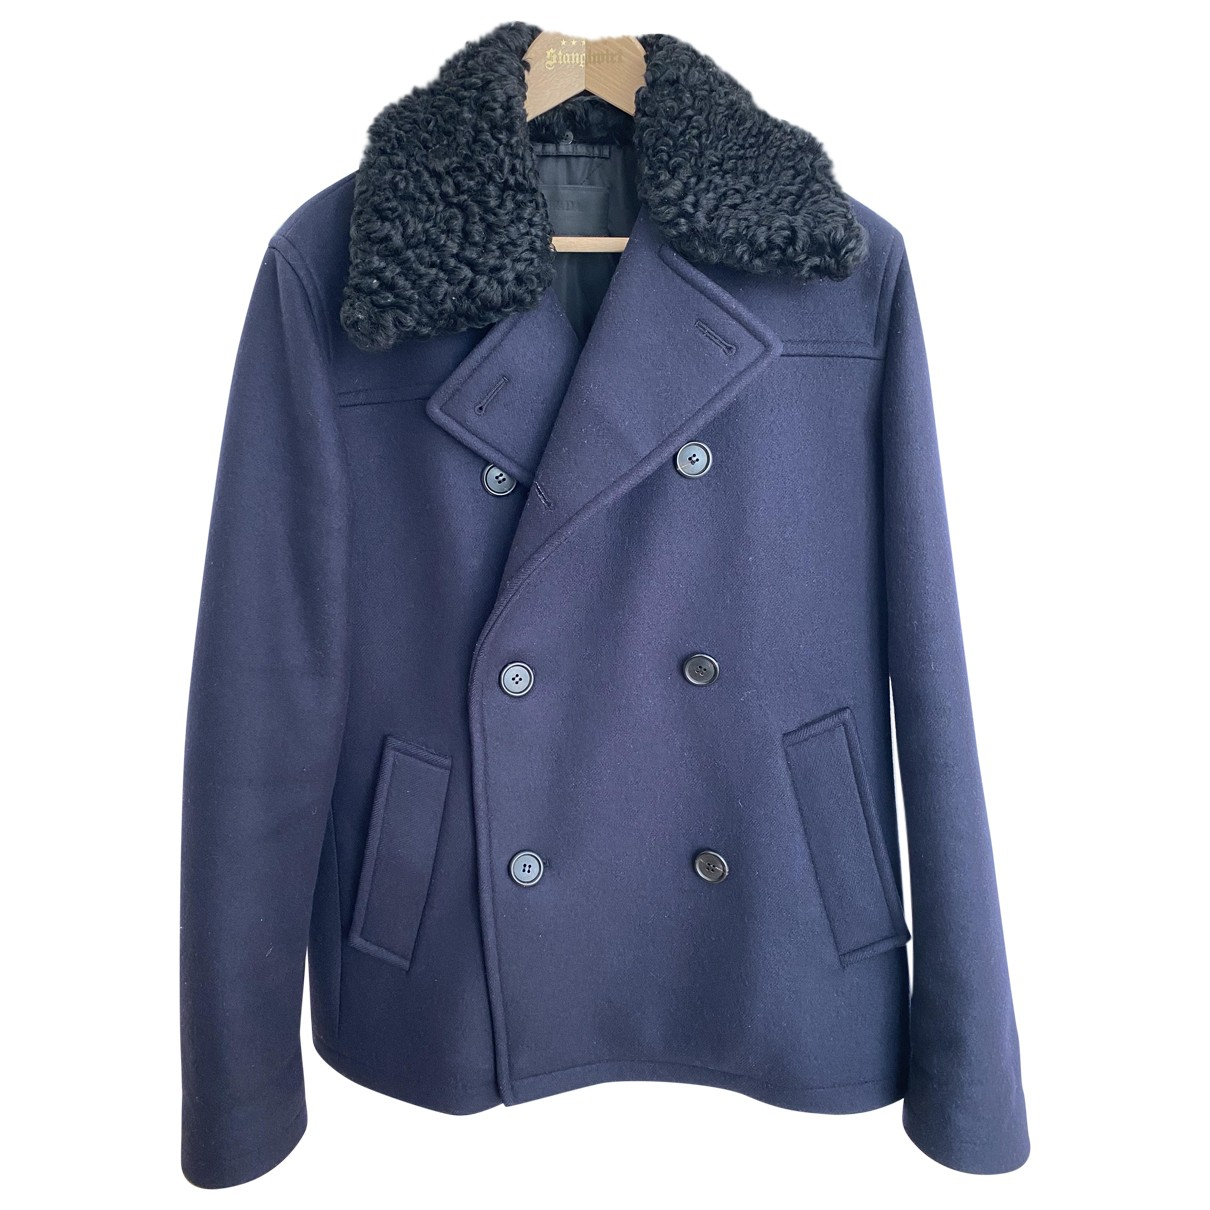 Prada - Manteau   pour homme en coton - bleu